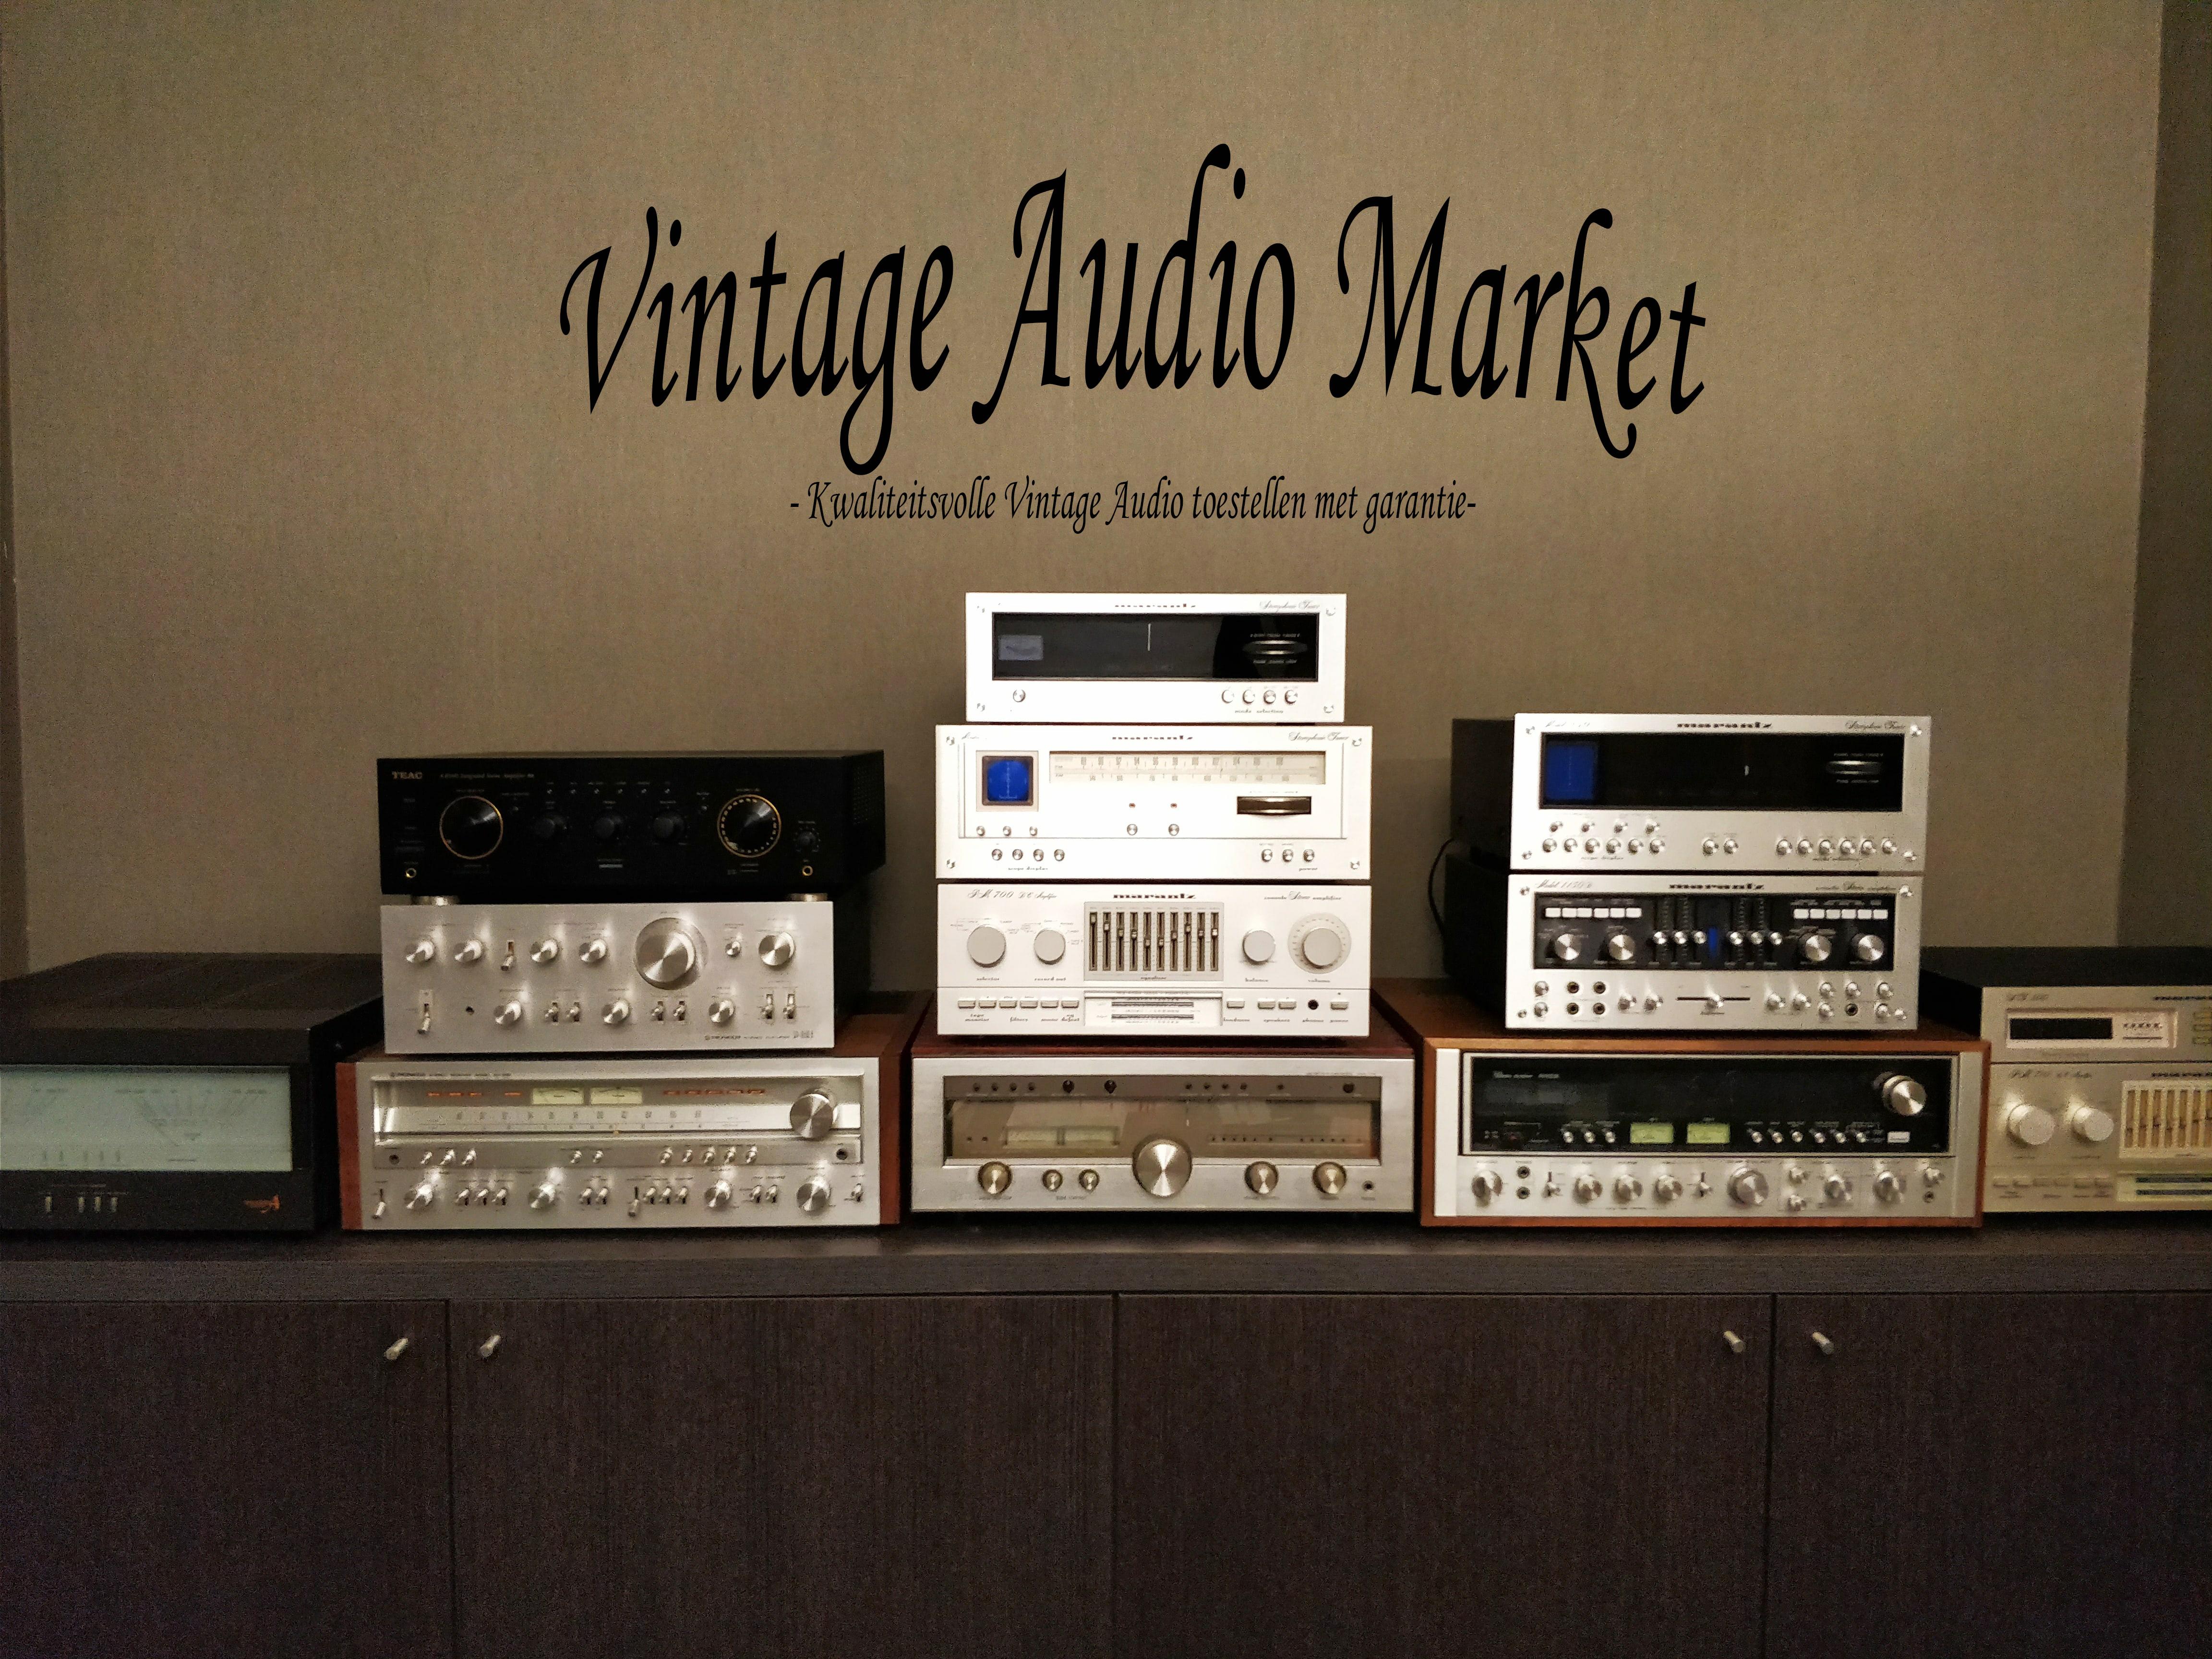 Vintage Audio Market - 2dehands occasietoestellen kopen met garantie